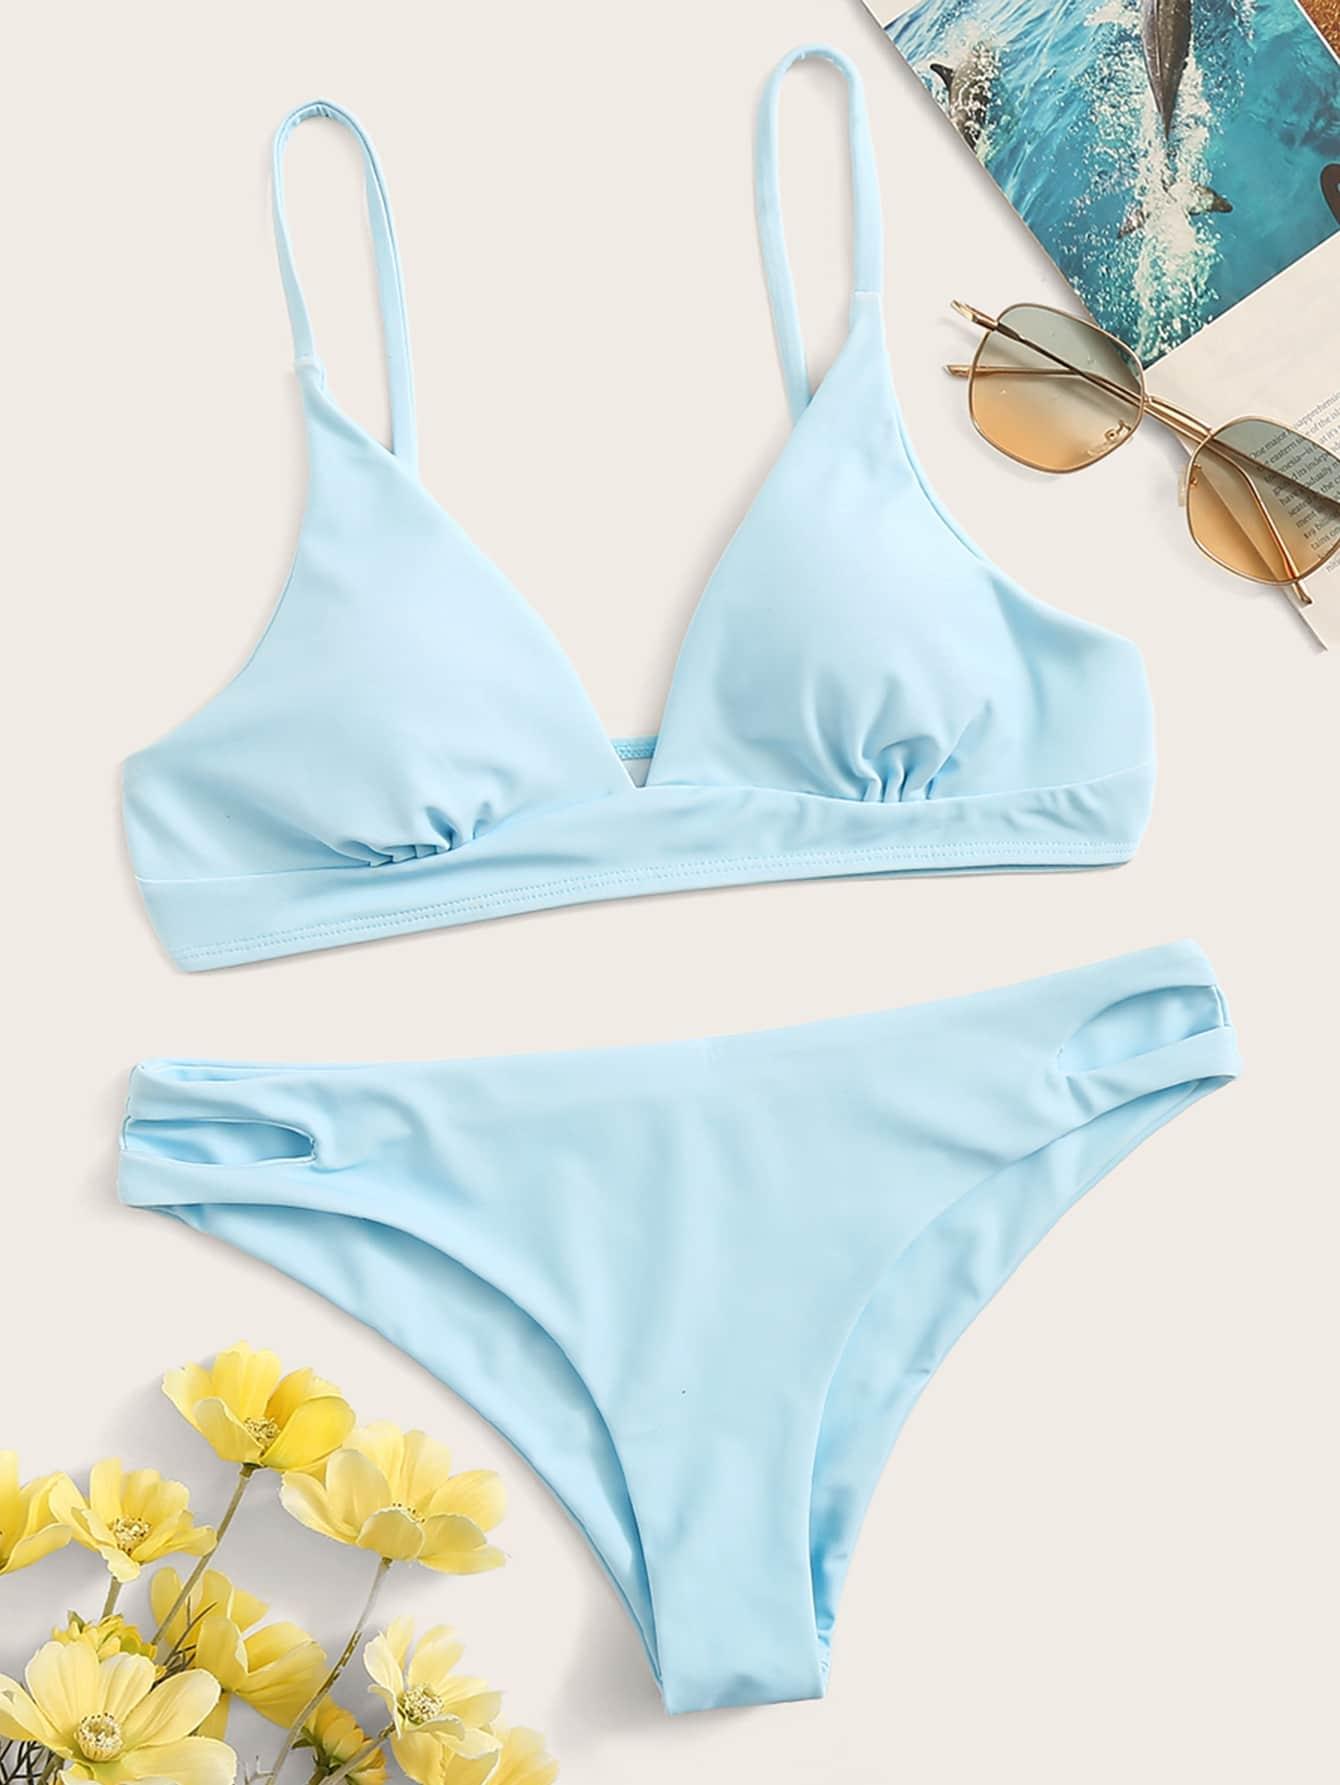 Фото - Бикини со сборками и разрезом на плавках от SheIn синего цвета